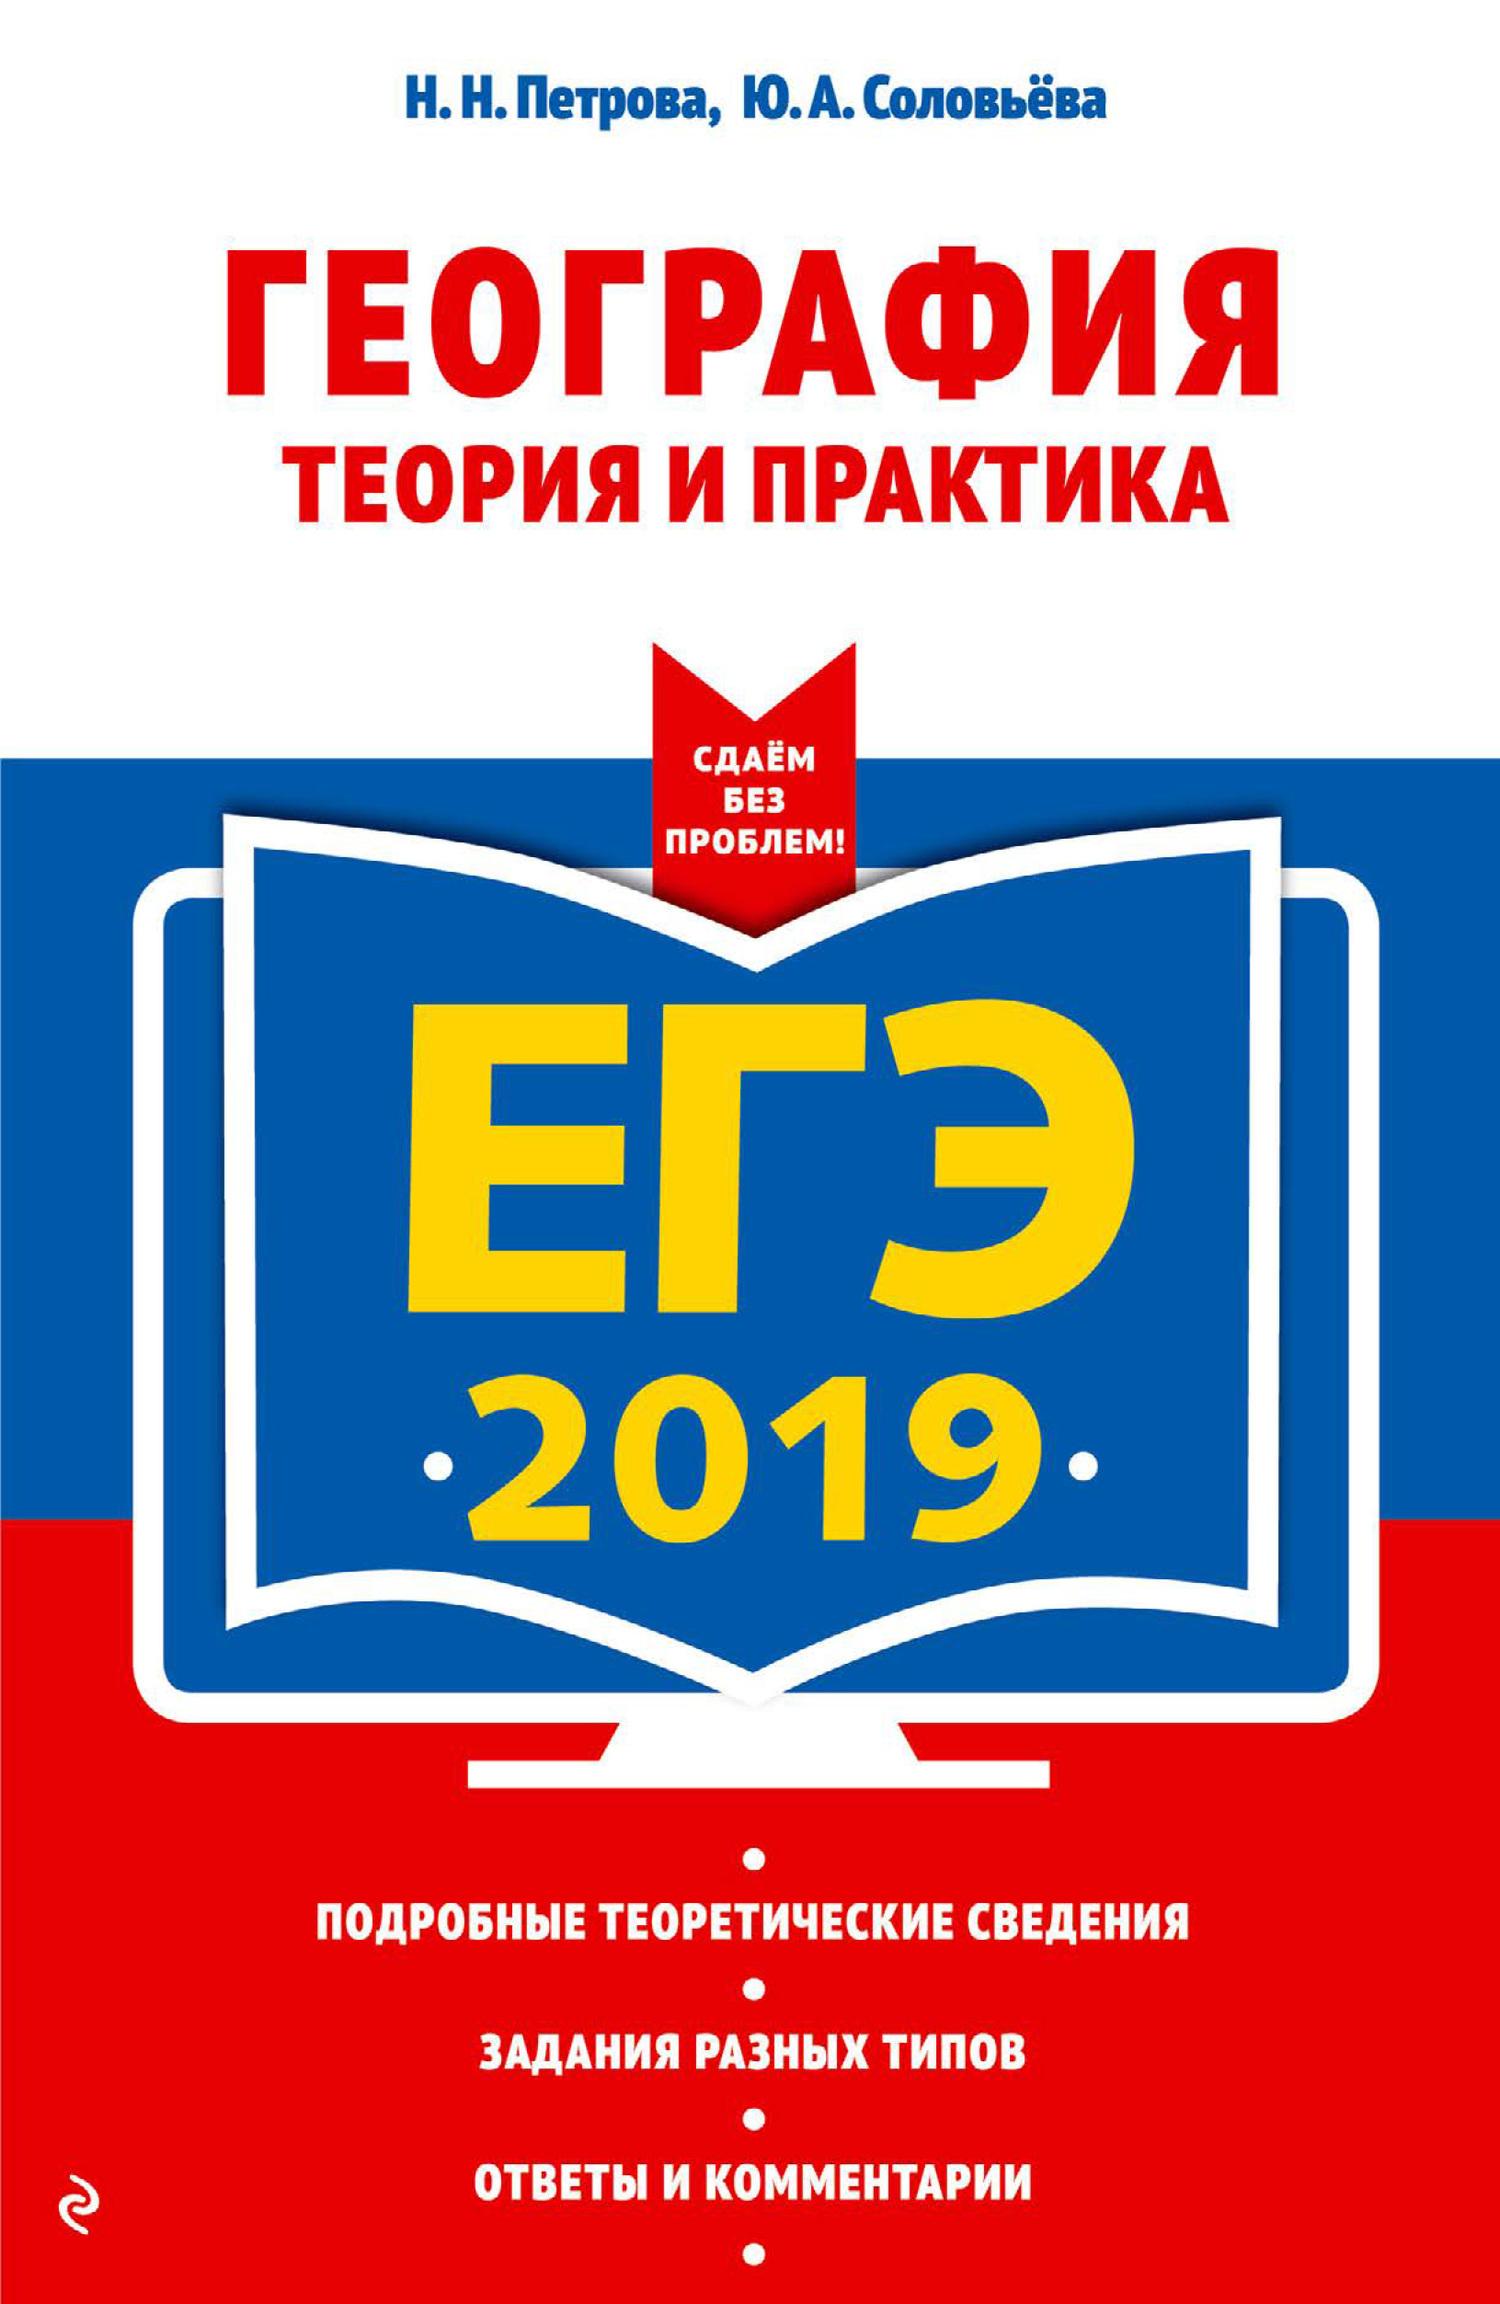 Н. Н. Петрова ЕГЭ-2019. География. Теория и практика научная литература по географии